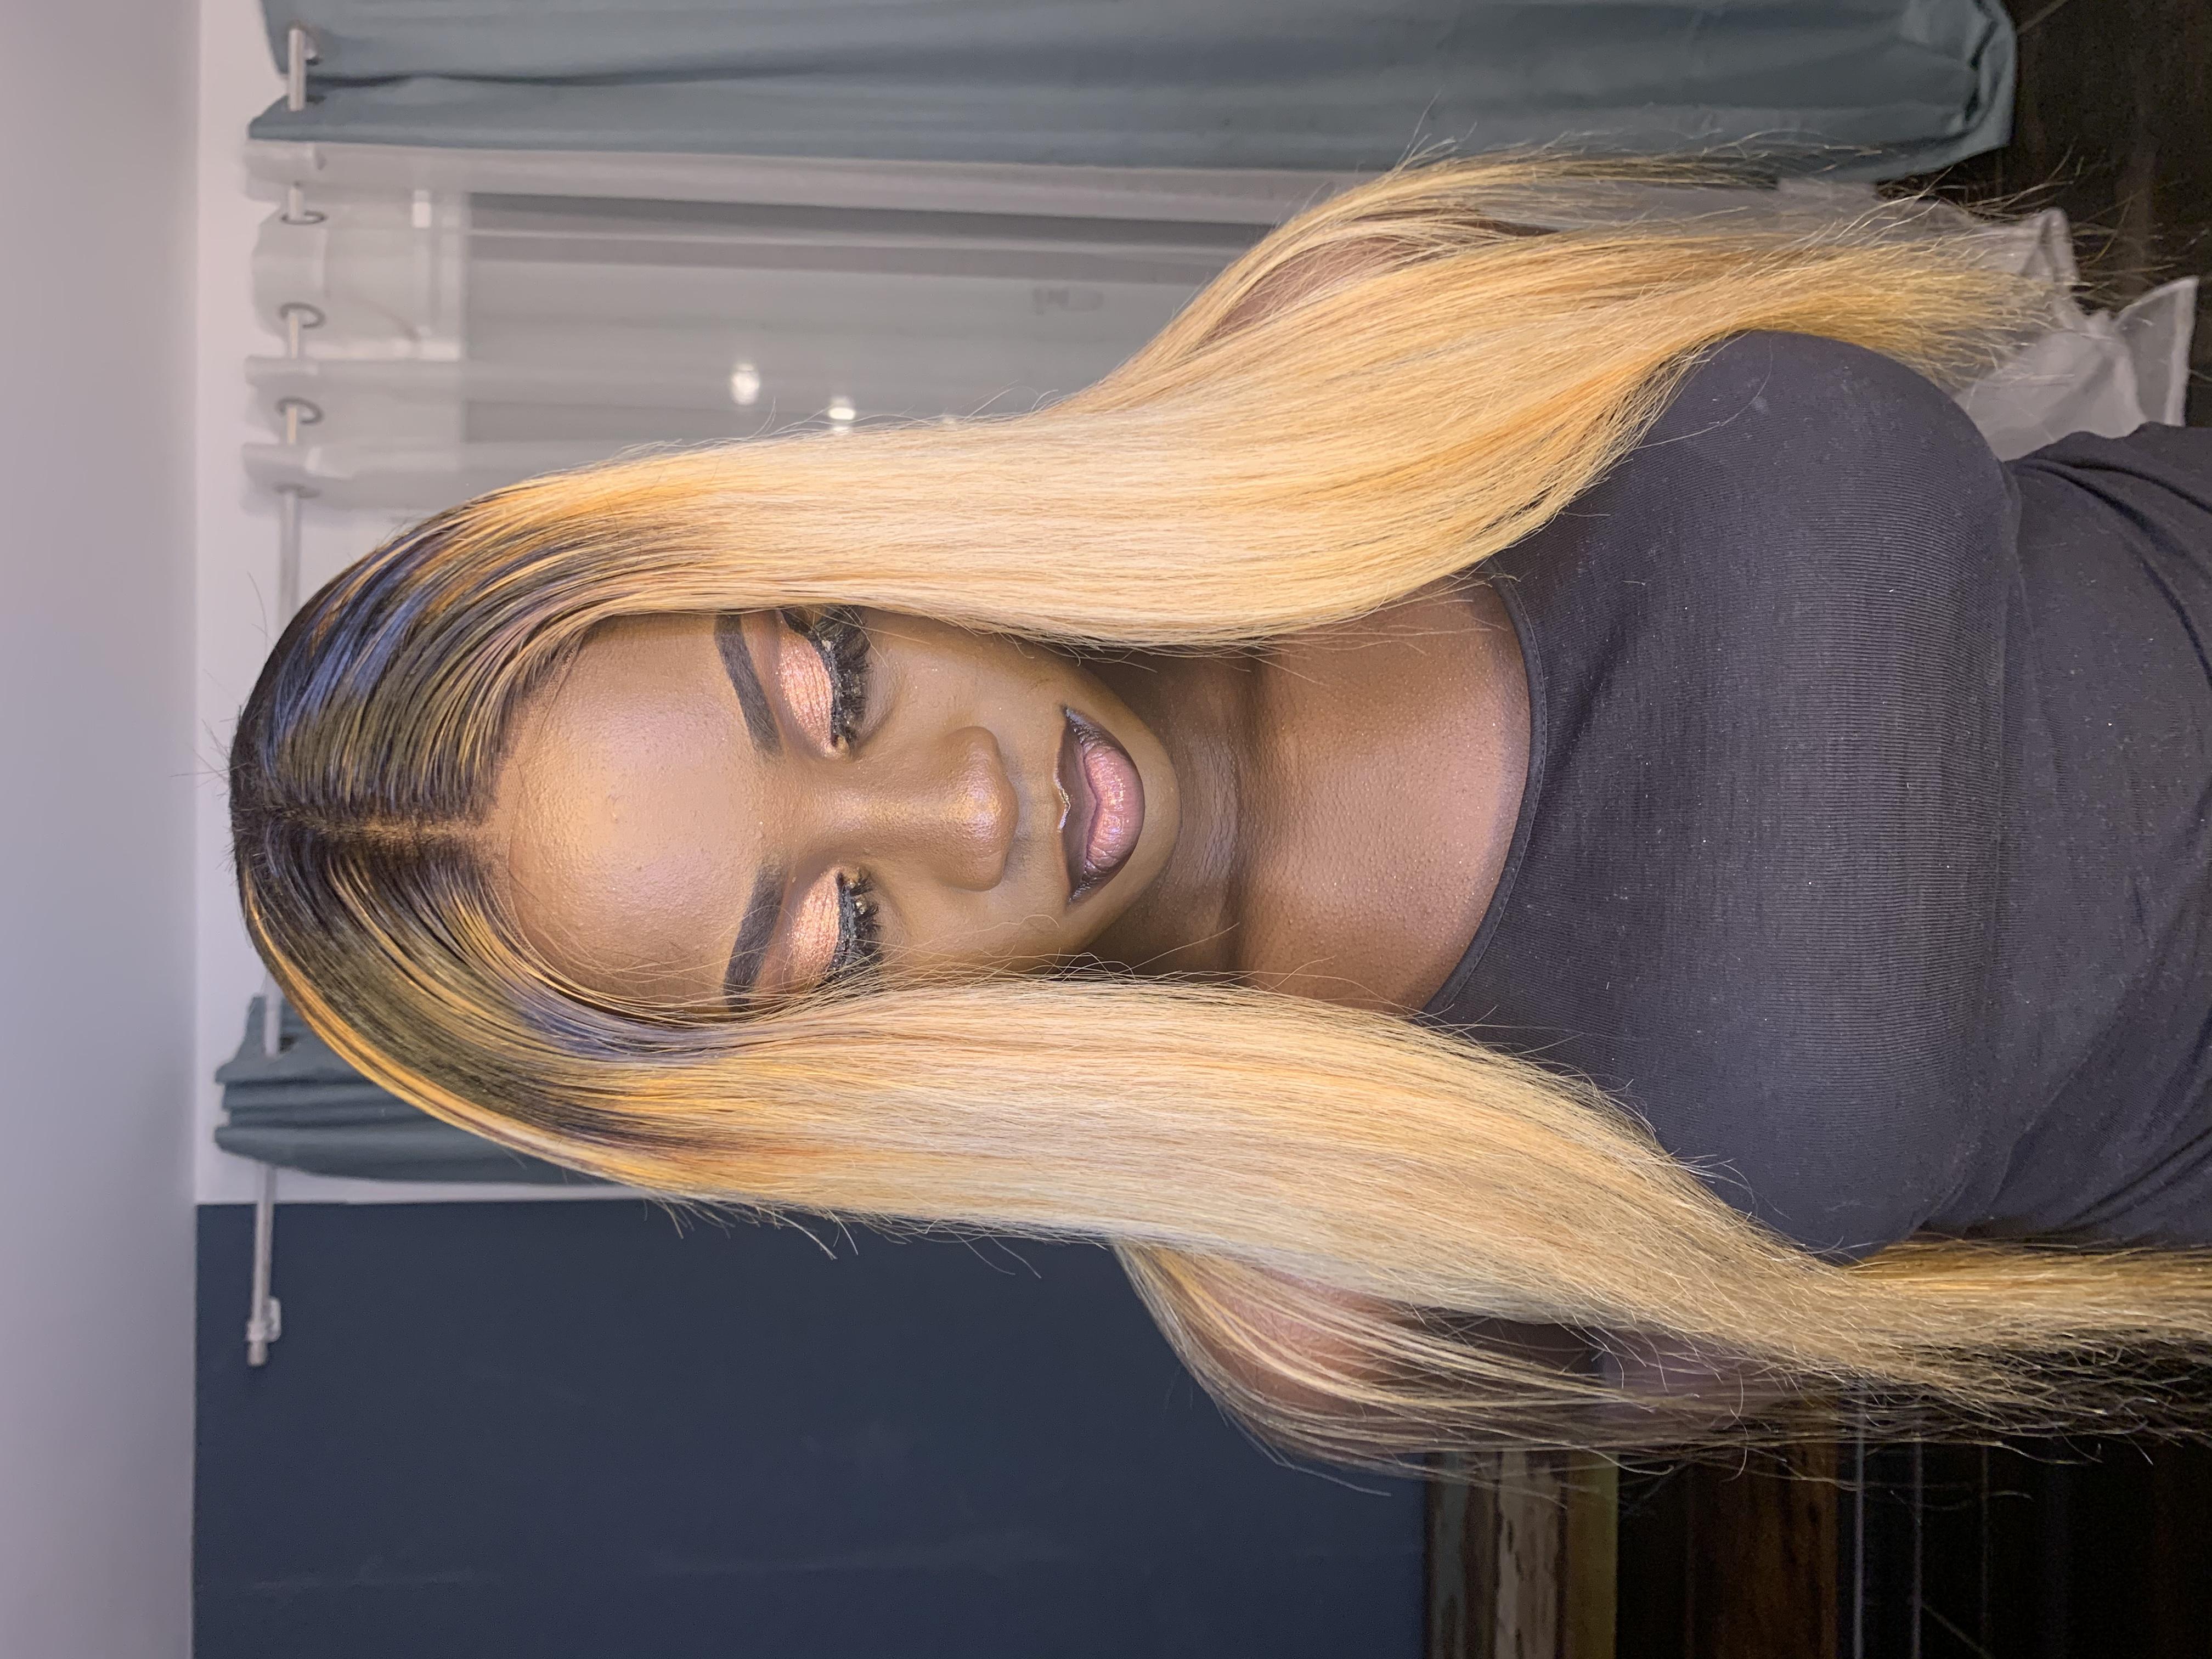 salon de coiffure afro tresse tresses box braids crochet braids vanilles tissages paris 75 77 78 91 92 93 94 95 WBYZCHJF